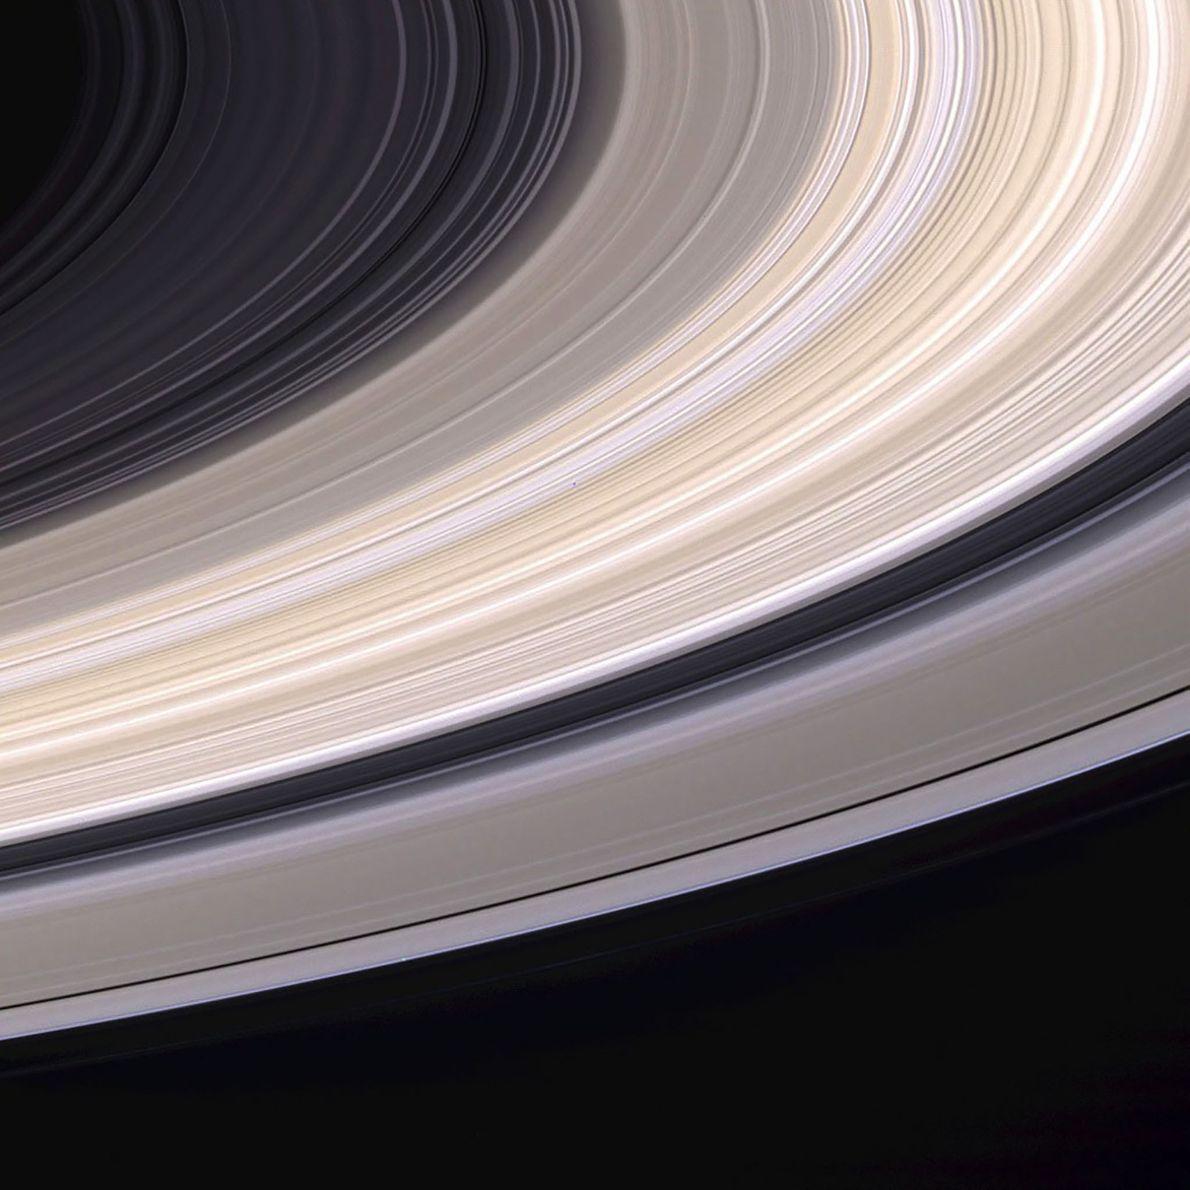 Neuf jours avant d'entrer dans l'orbite de Saturne, Cassini a capturé cette magnifique image des anneaux ...